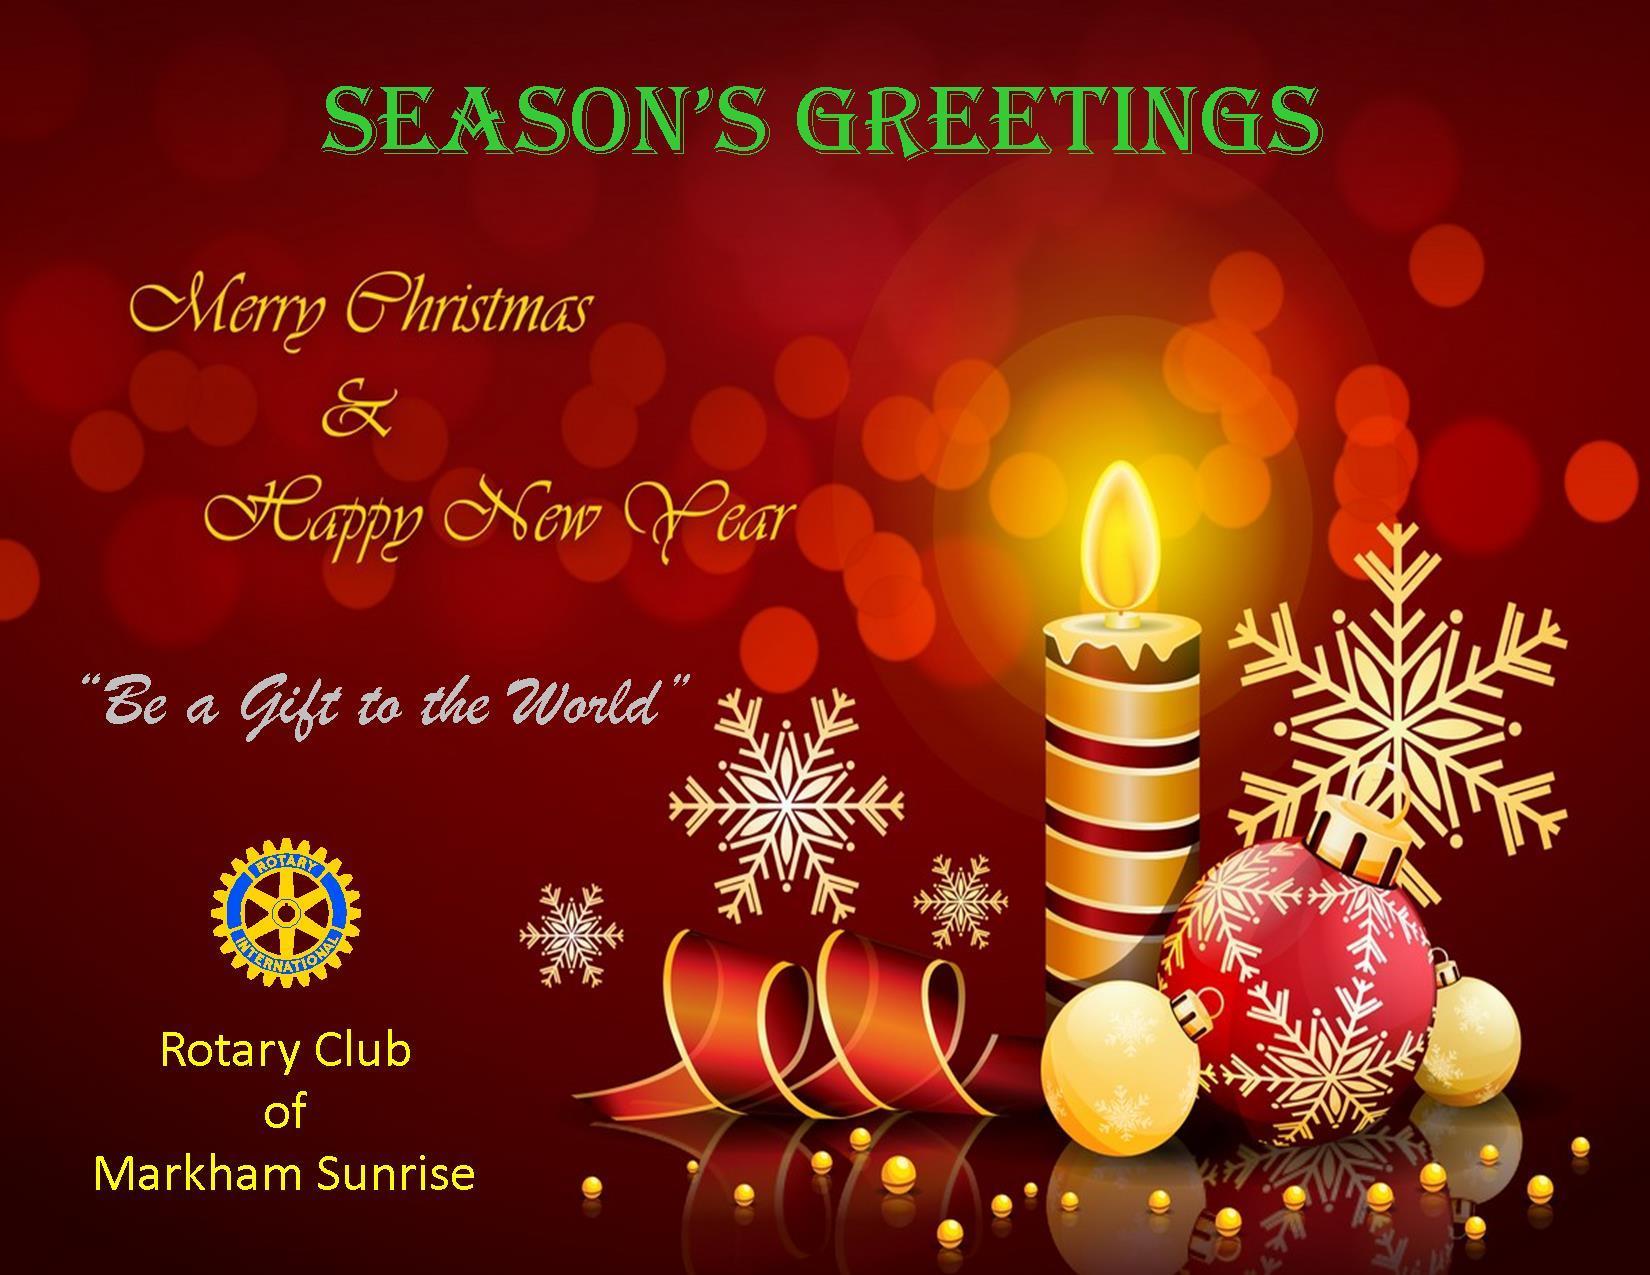 2015 Seasons Greetings Rotary Club Of Markham Sunrise Inc